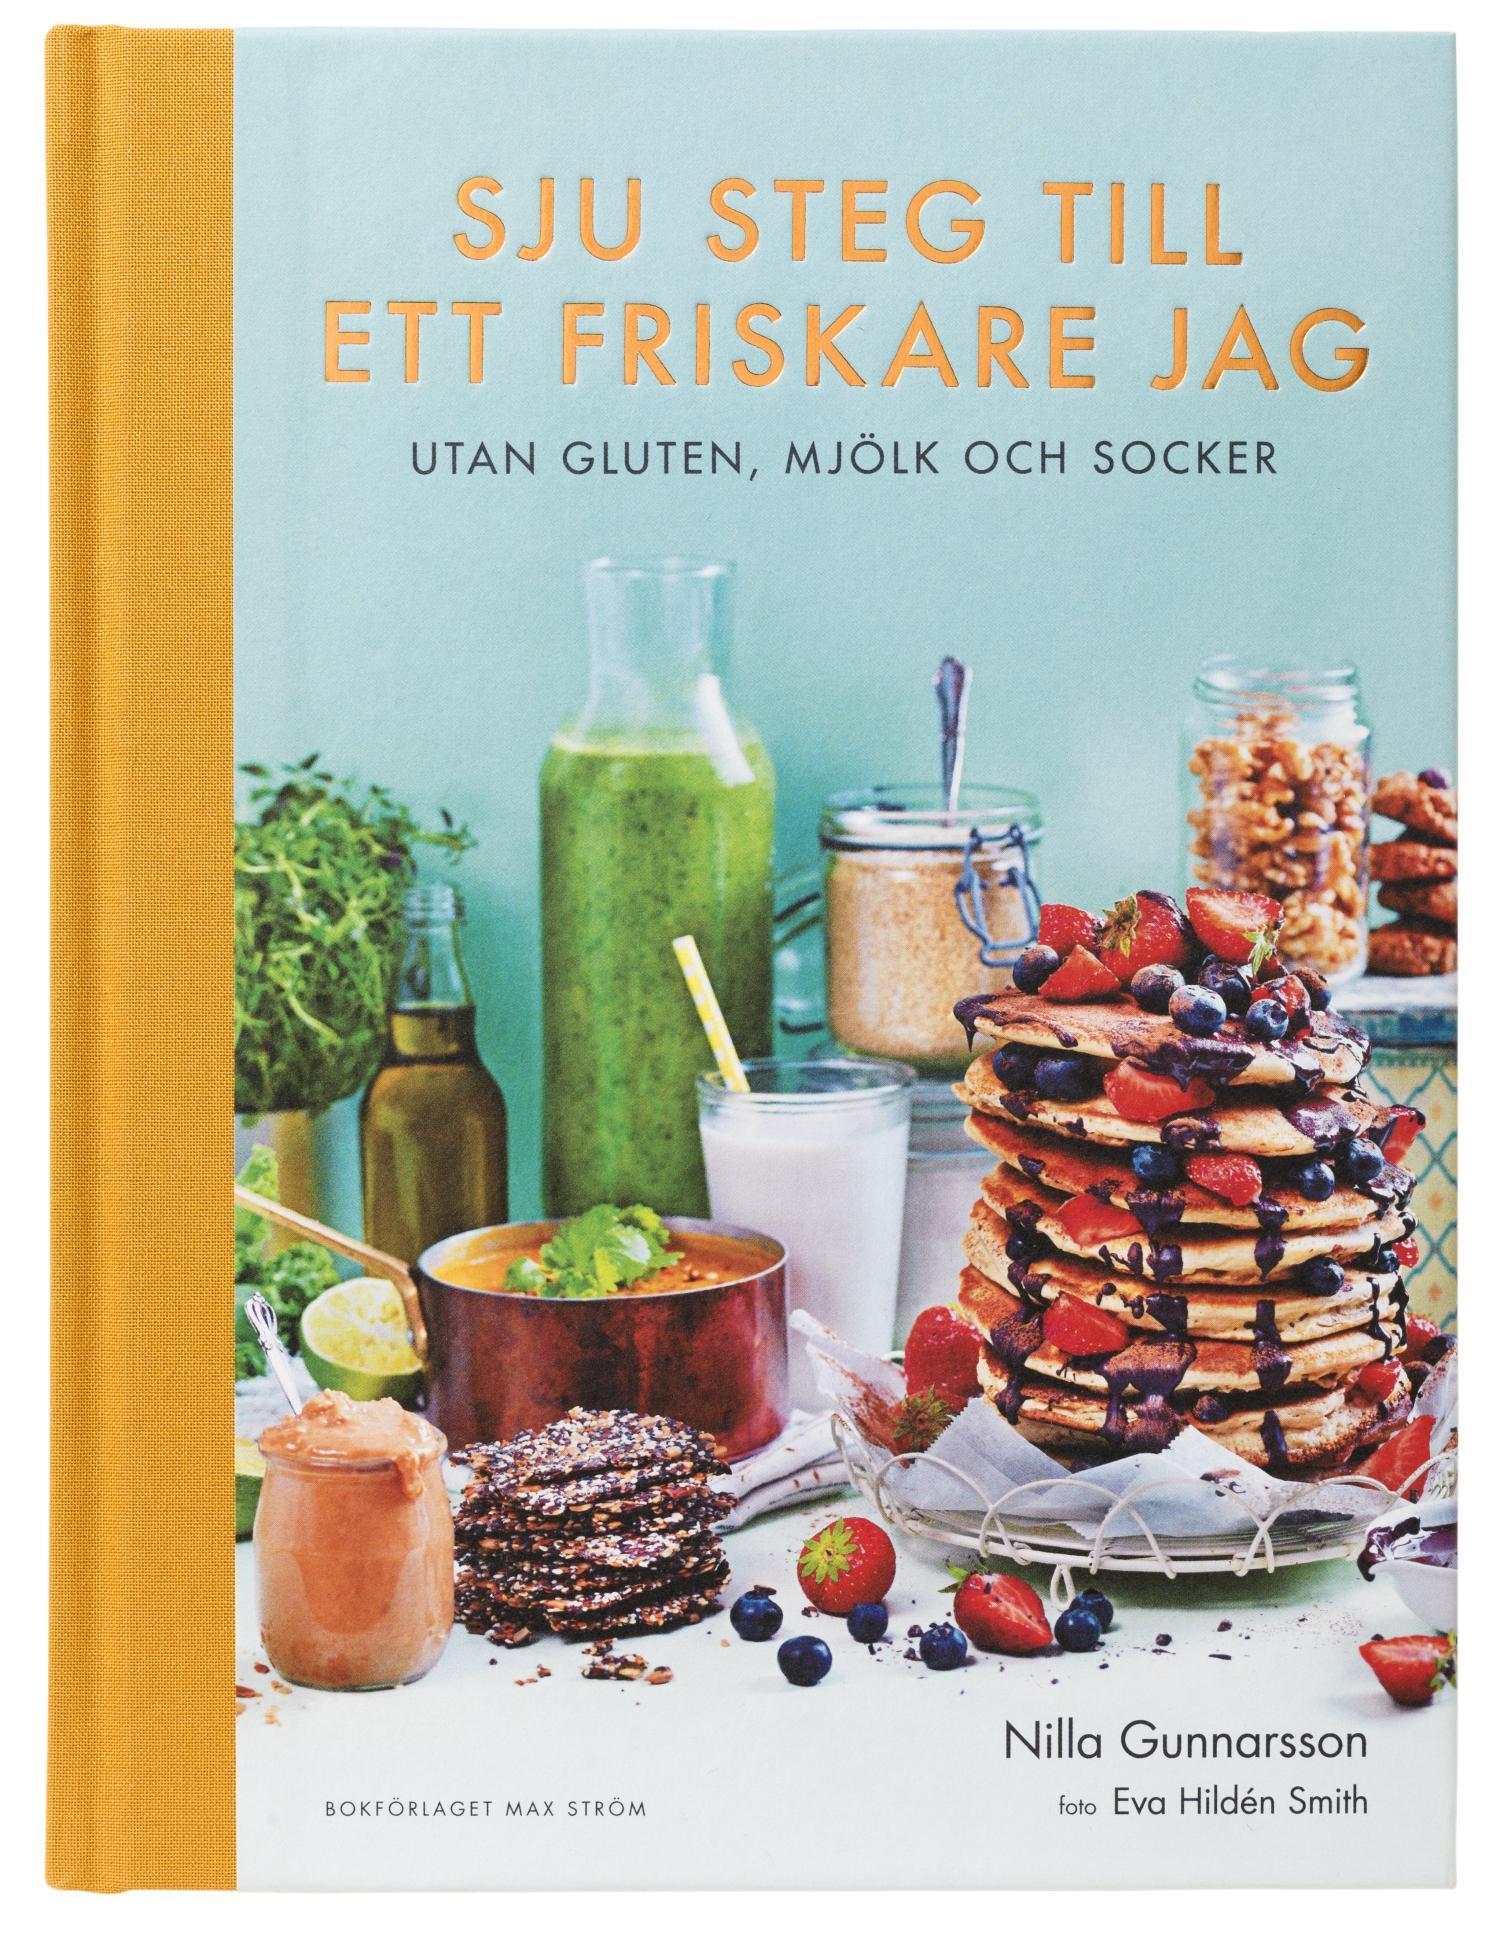 SJU STEG TILL ETT FRISKARE JAG av Nilla Gunnarsson